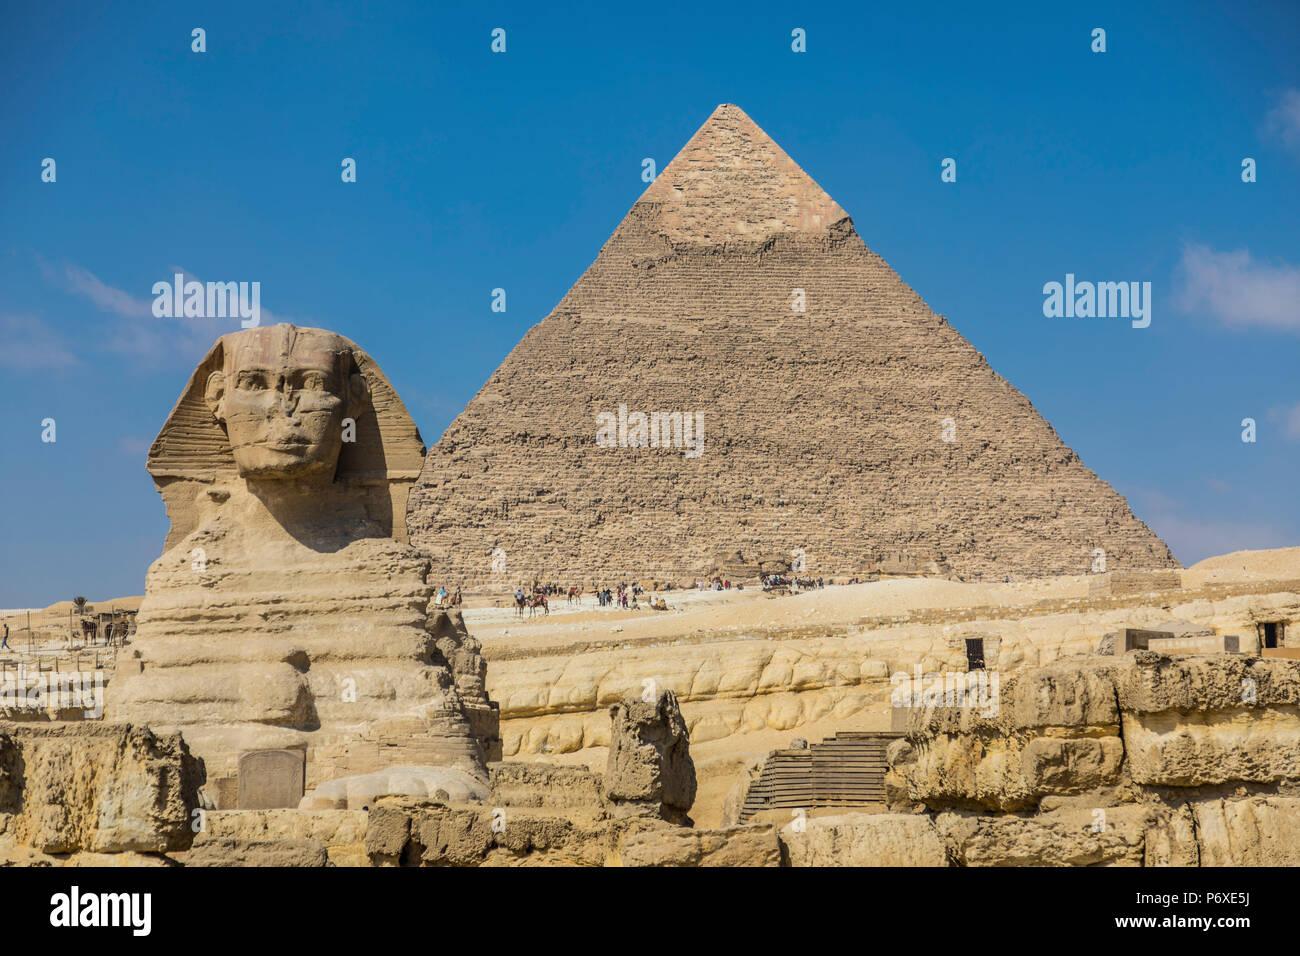 La Esfinge y la pirámide de Khafre (Chephren), las pirámides de Giza, en Giza, Cairo, Egipto Imagen De Stock